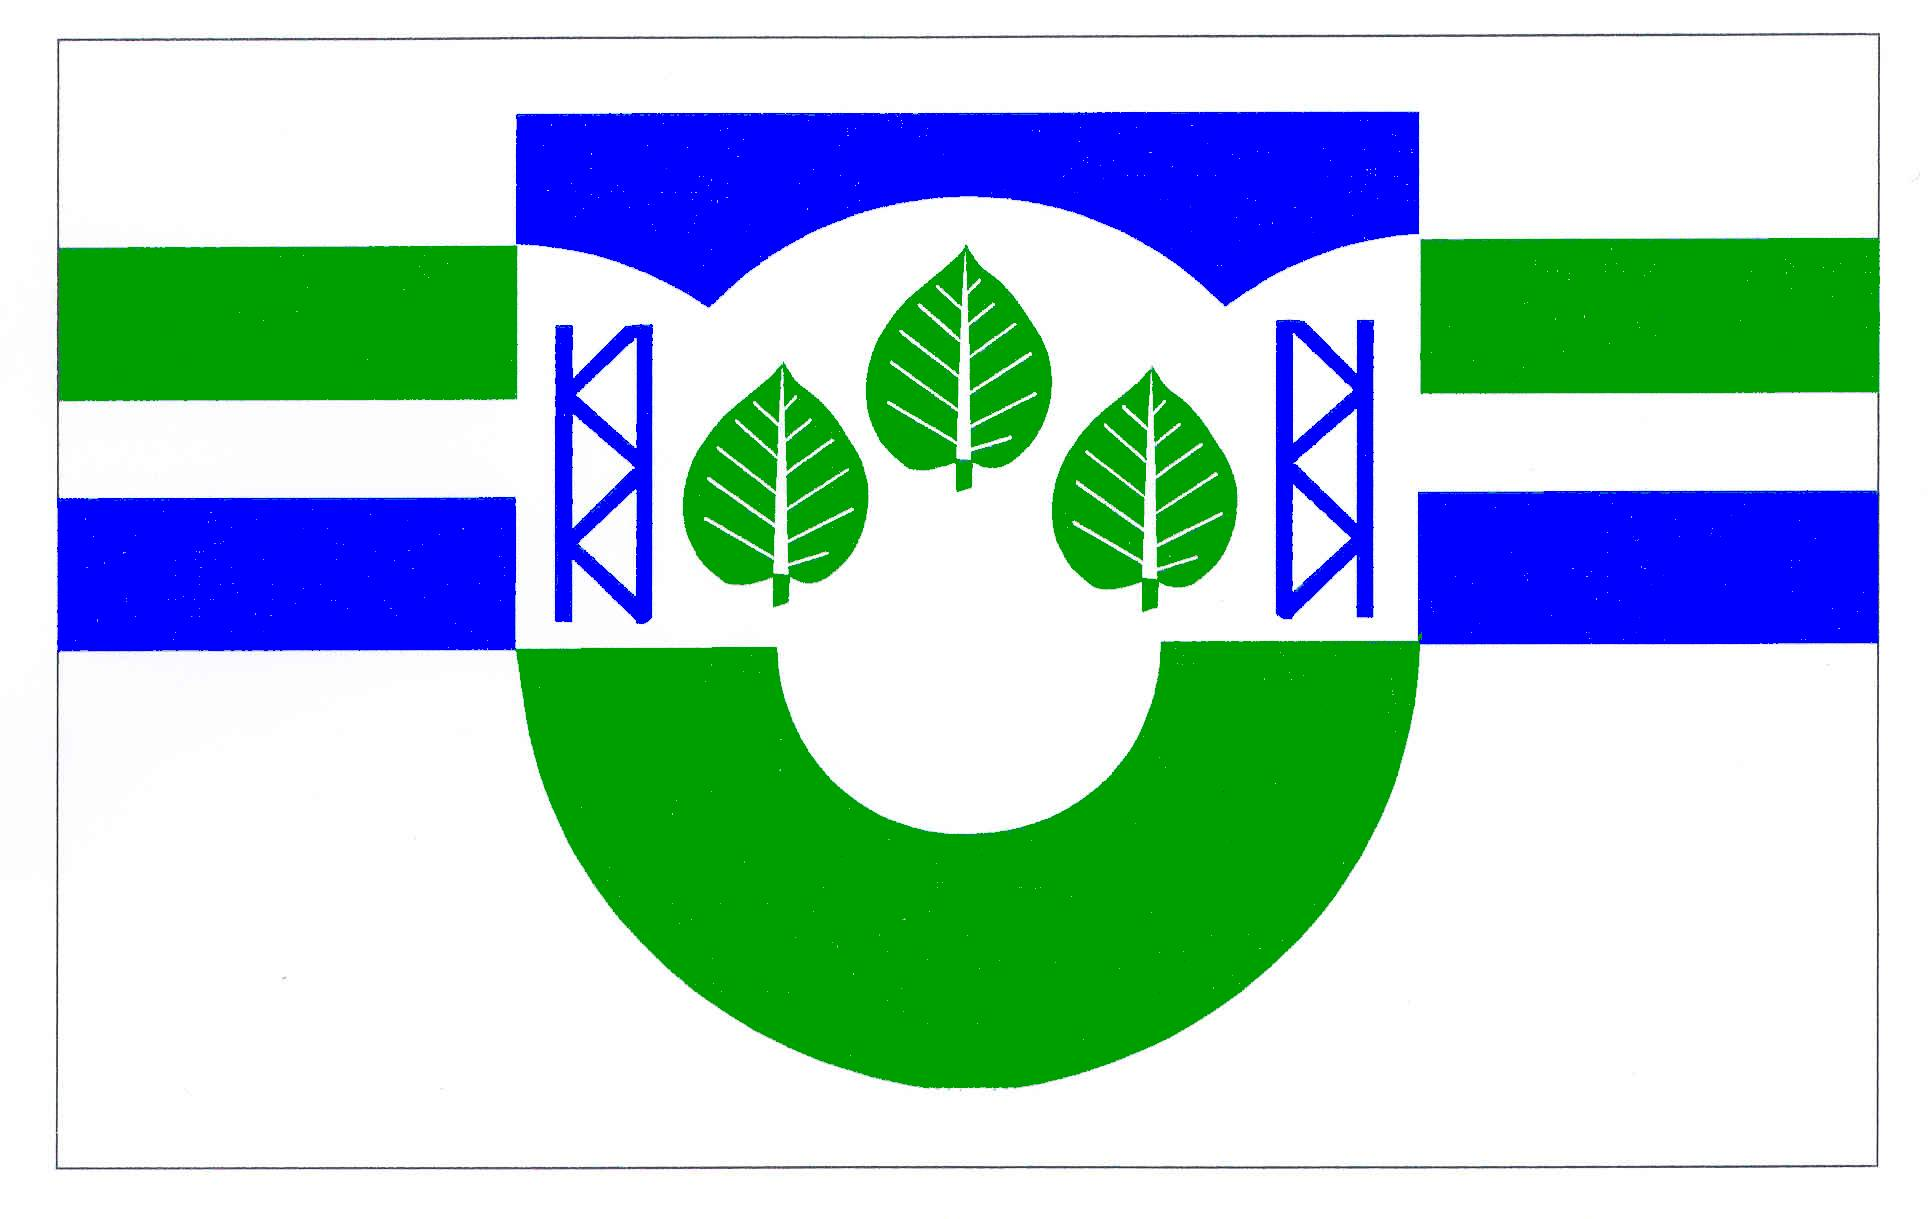 Flagge GemeindeAgethorst, Kreis Steinburg